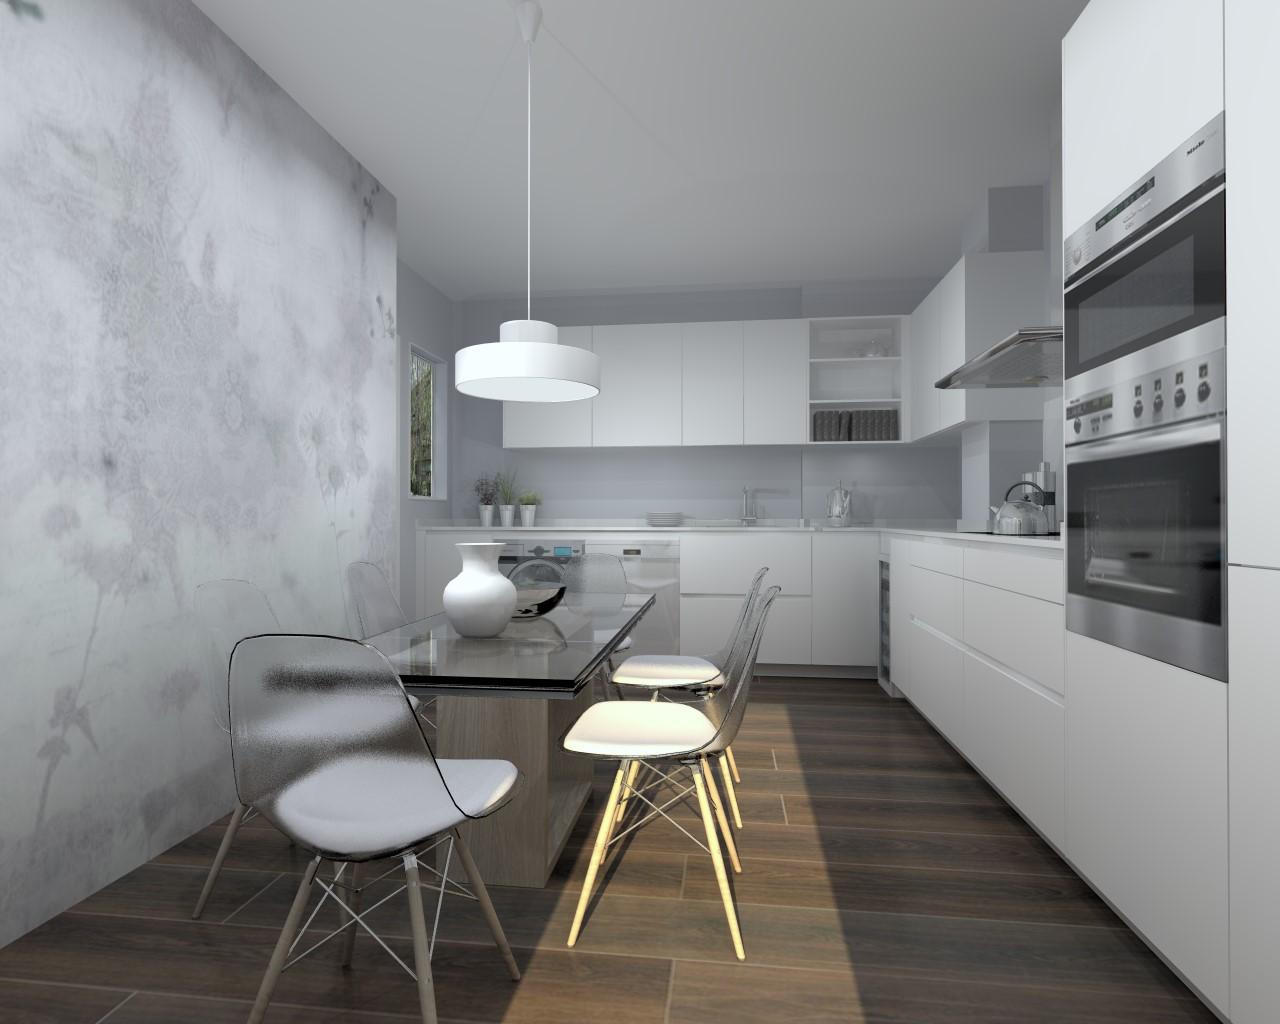 El papel pintado en cocinas estudio cocinas dc - Papel pintado en cocina ...